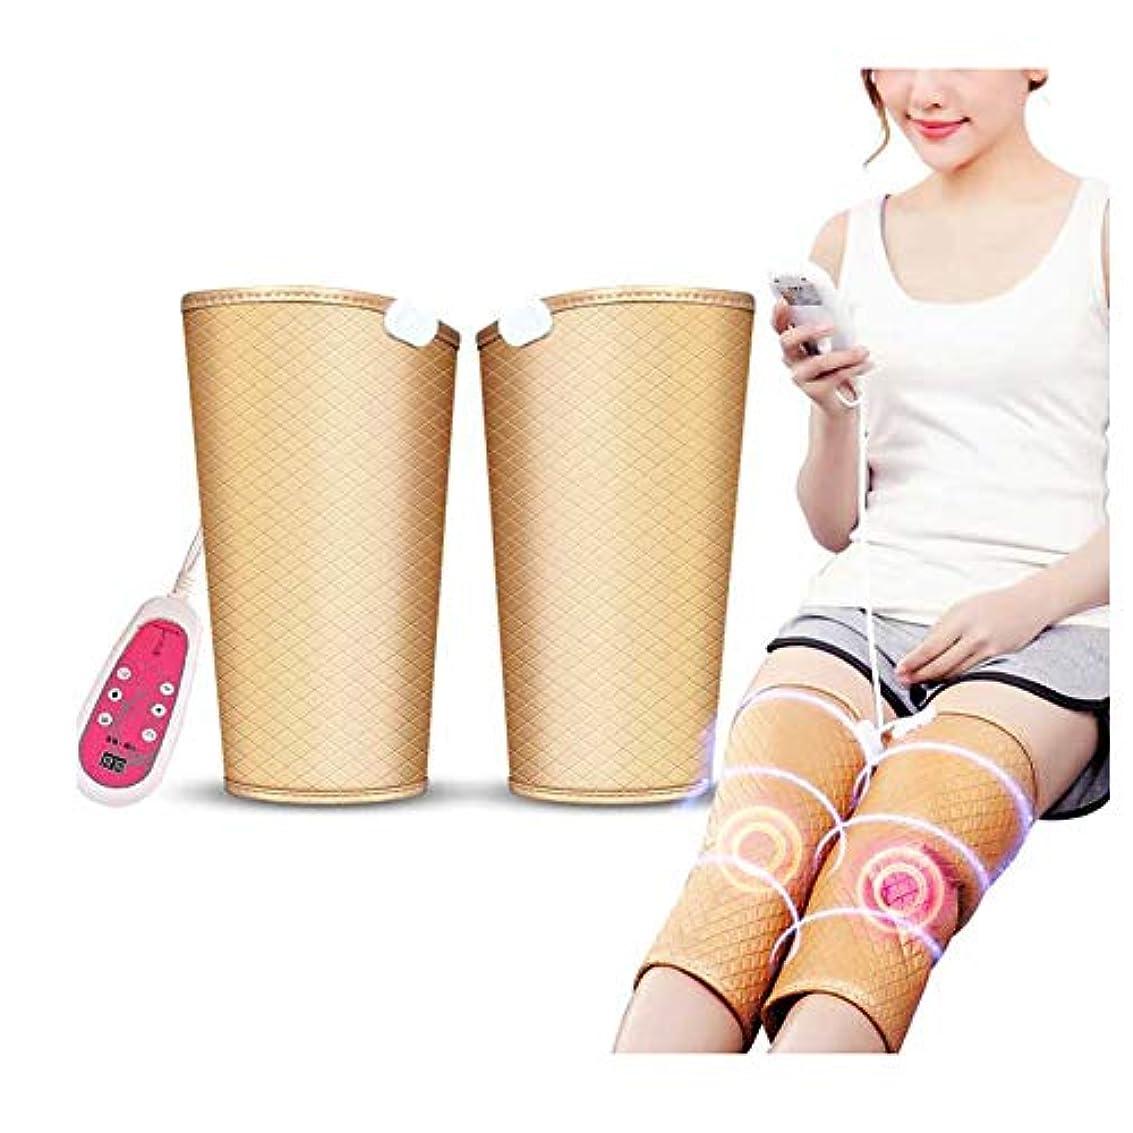 バスルームアルバムスタイル暖房膝サポート9マッサージモードと膝のけがのための5つの速度でラップ膝温めラップパッド療法マッサージャー